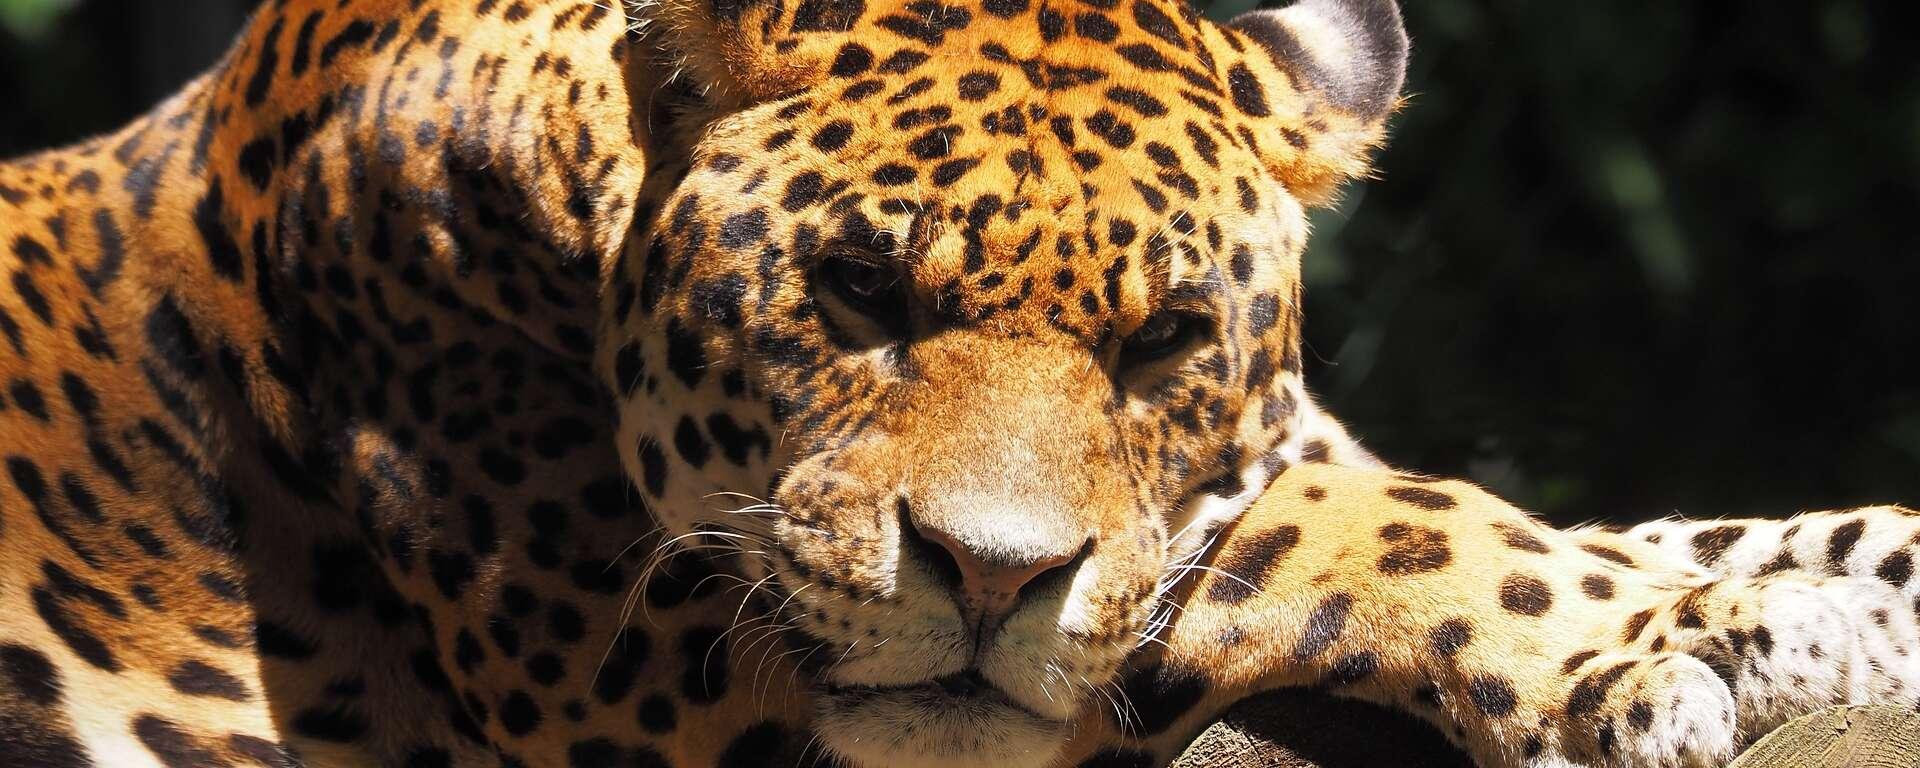 jaguar for project survival cat haven